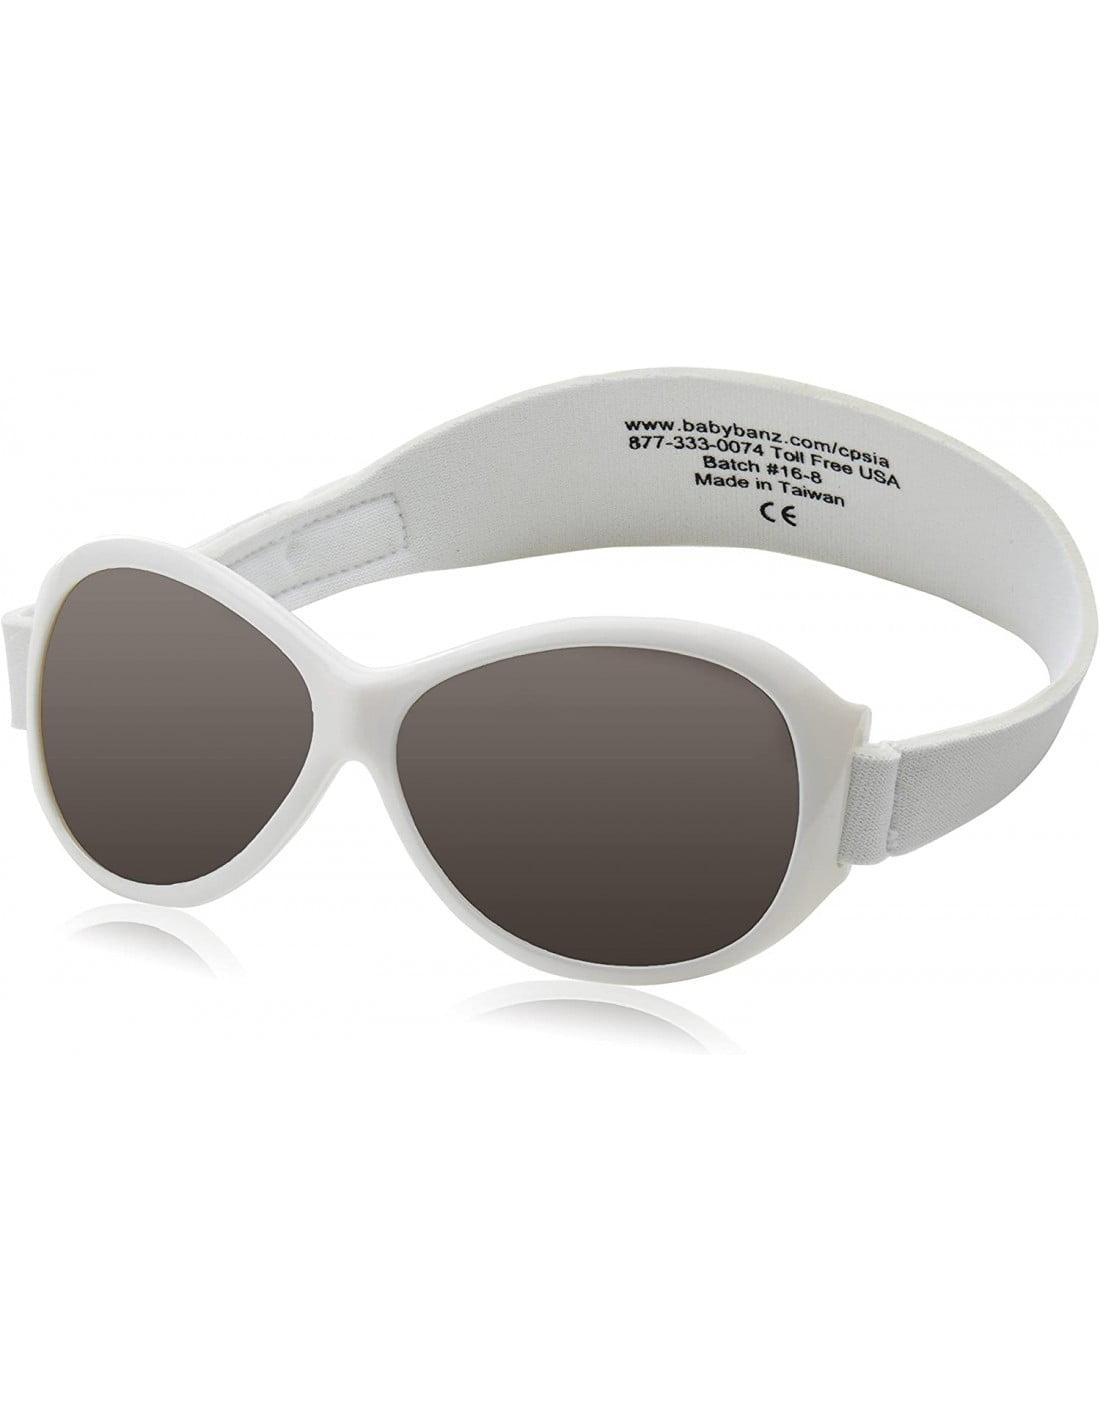 Ochelari Soare Bebe 2-5 ani Retro Oval White (alb) Banz